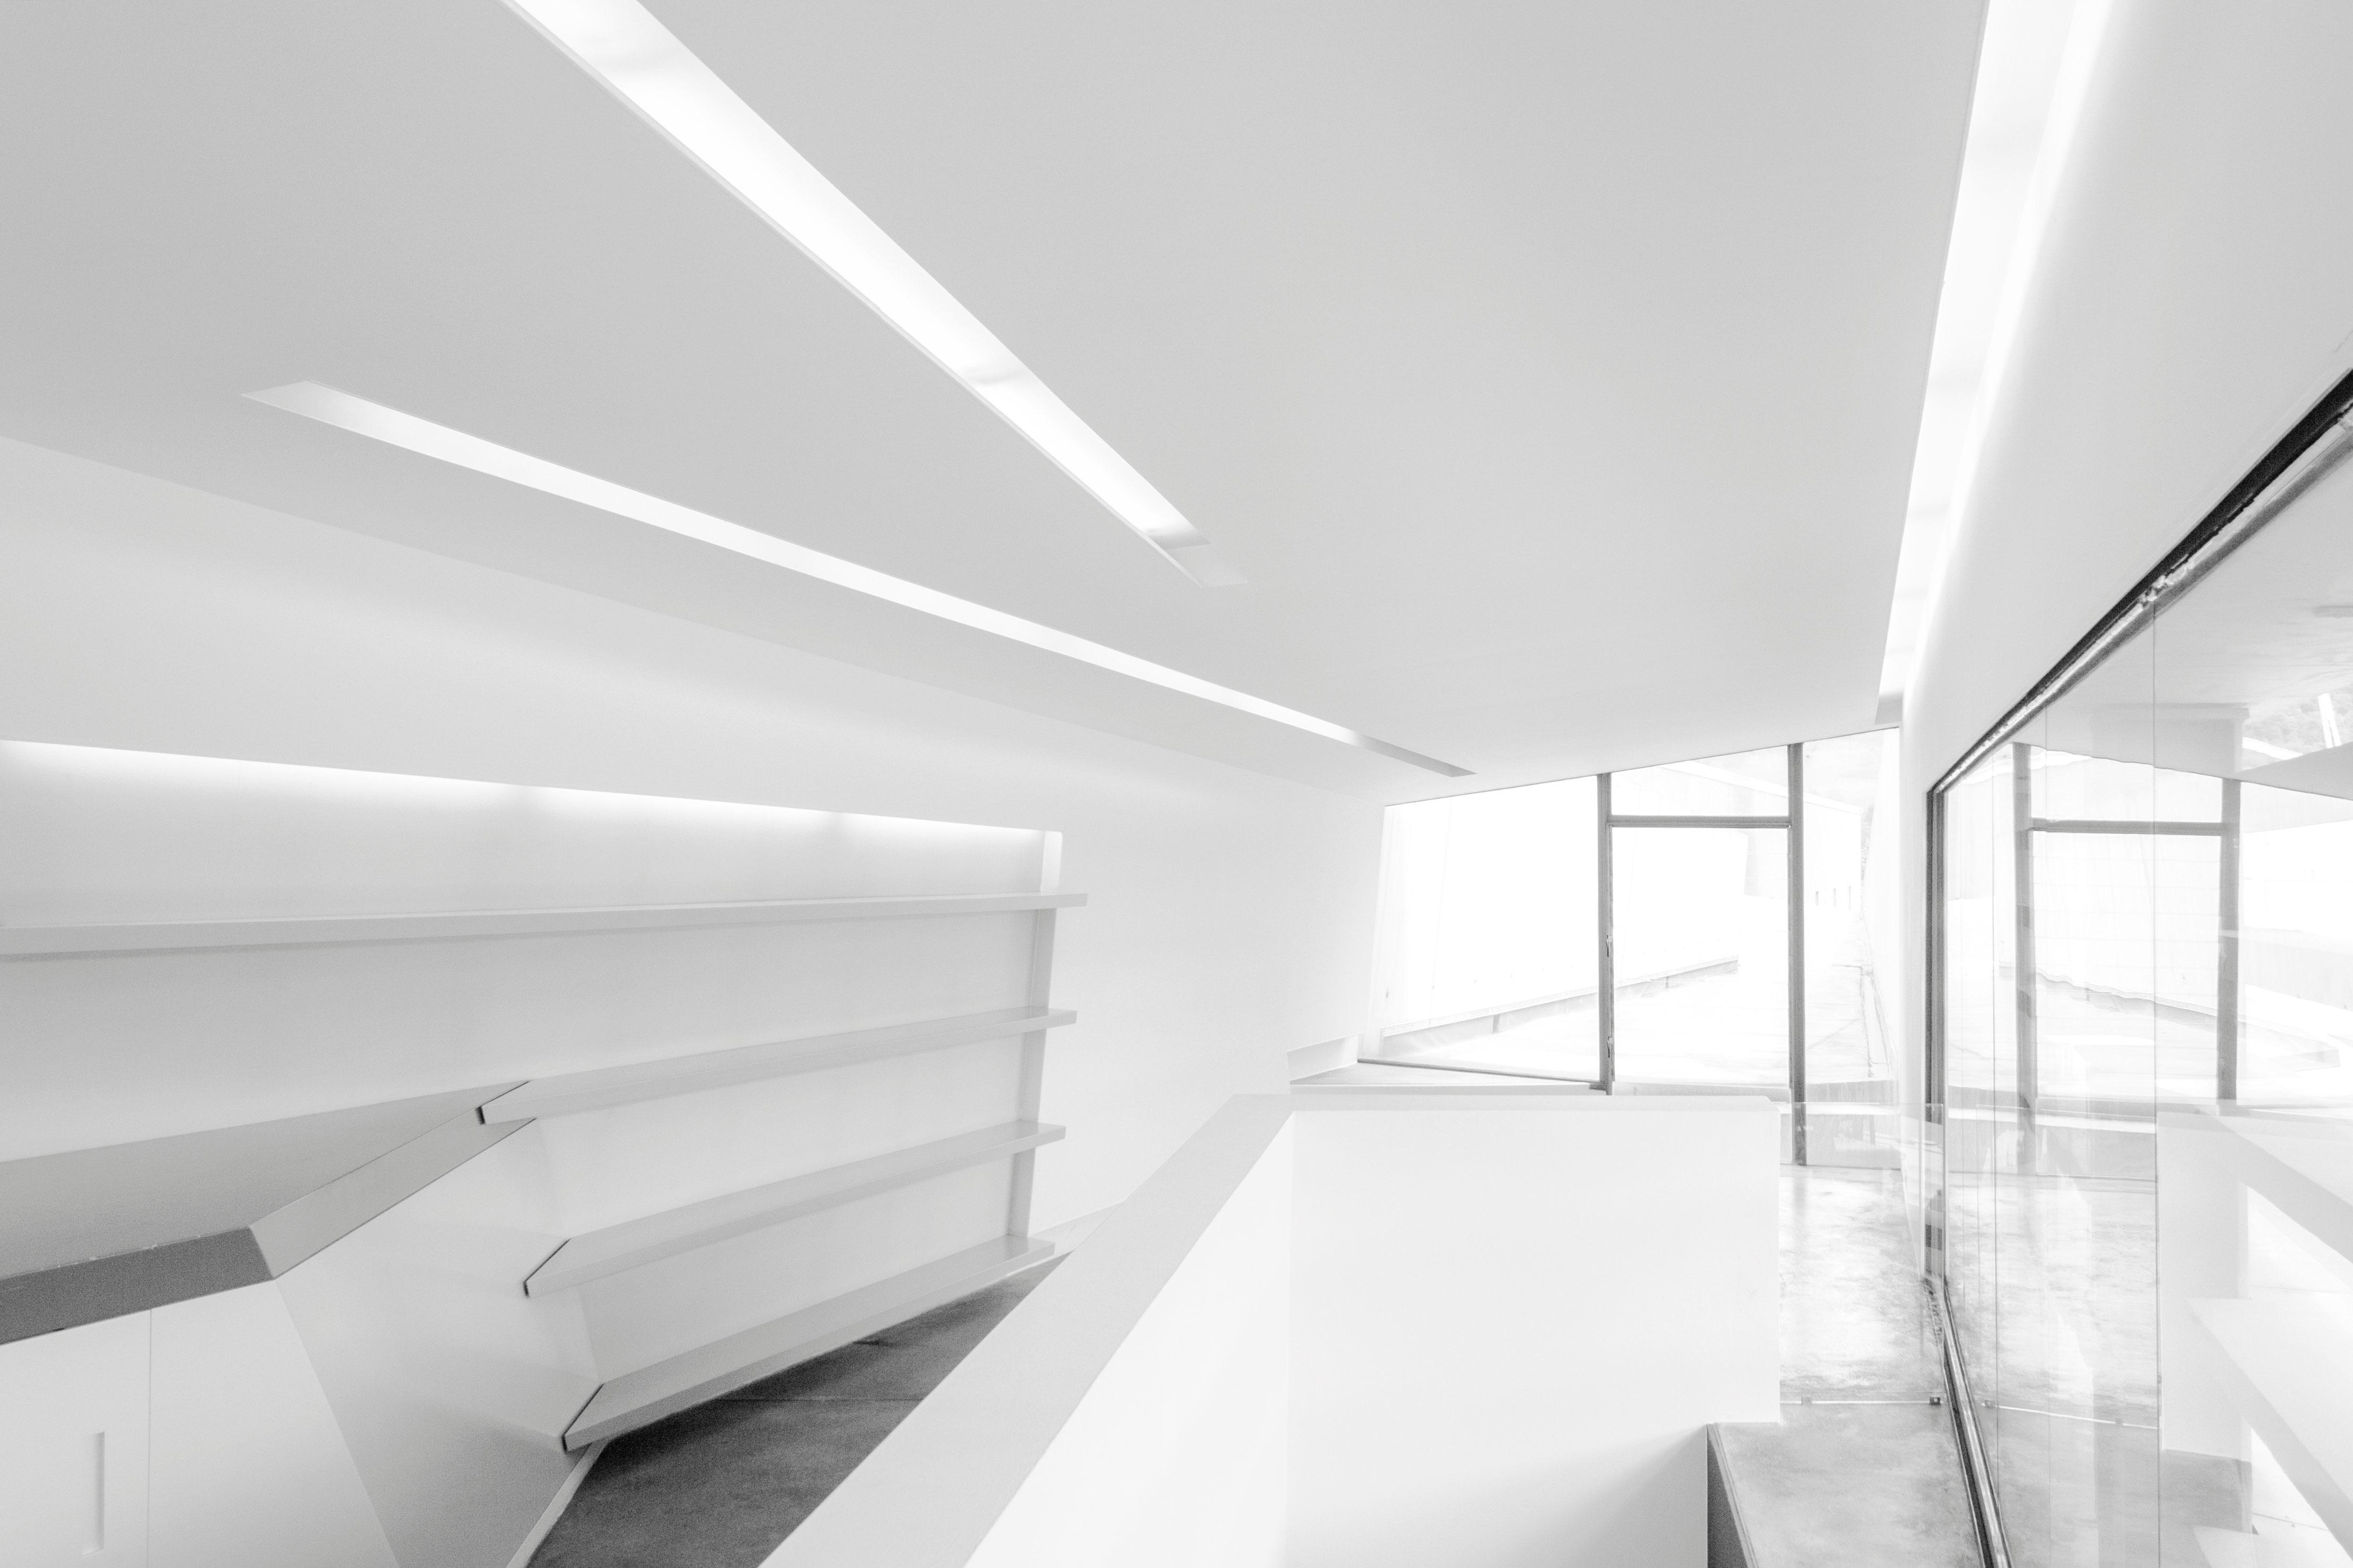 fotos gratis arquitectura piso techo l nea On diseño de interiores en linea gratis